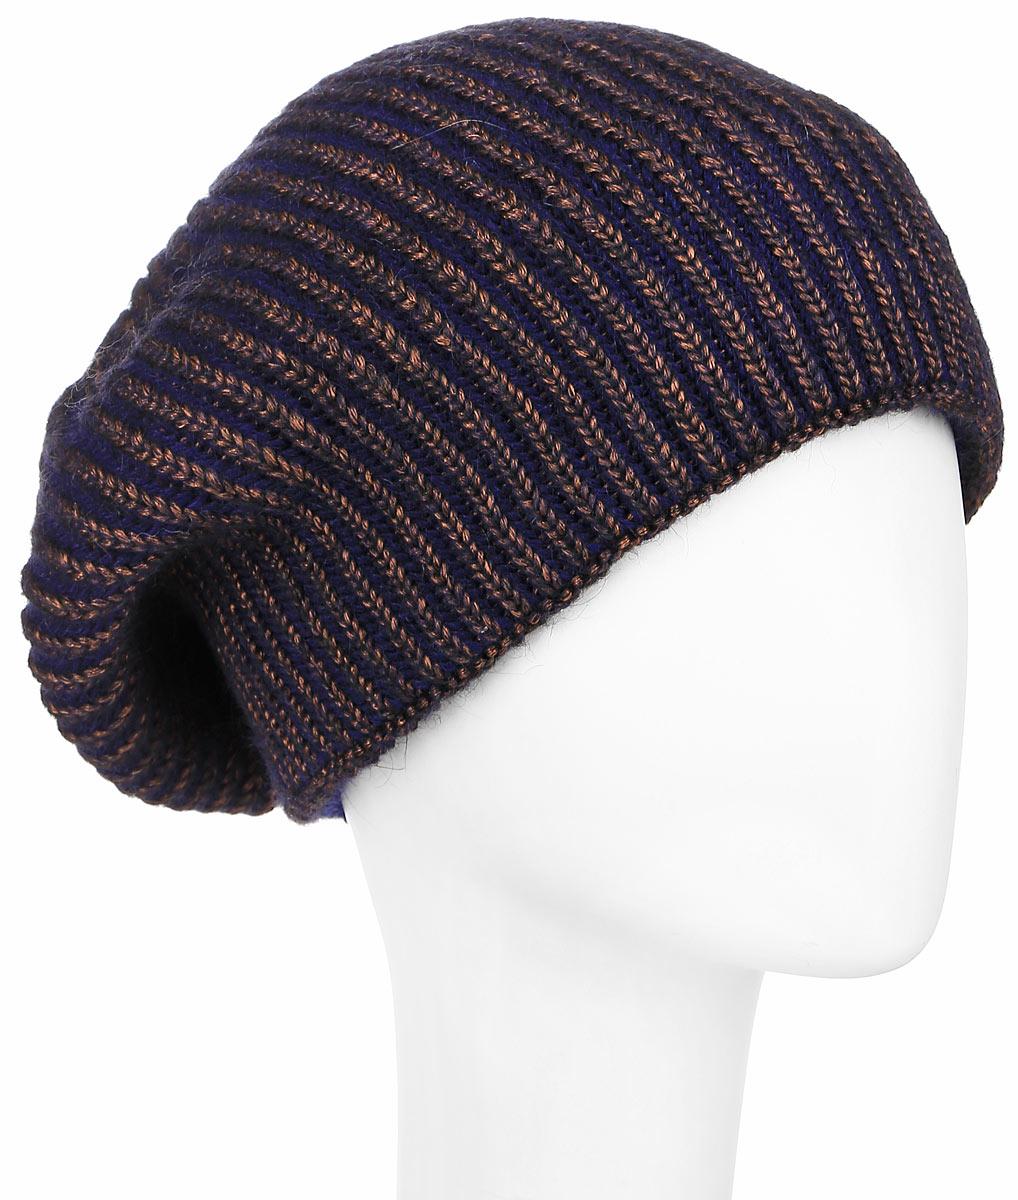 Шапка женская Dispacci, цвет: синий, коричневый. 21107F. Размер универсальный21107FСтильная женская шапка Dispacci, изготовленная из мягкой итальянской пряжи смешанного состава, она обладает хорошими дышащими свойствами и хорошо удерживает тепло. Элегантная шапка немного удлиненная и свободная в макушке оформлена крупной вязкой. Практичная форма модели делает ее очень комфортной, а маленькая аккуратная металлическая пластина с названием бренда подчеркивает ее оригинальность.